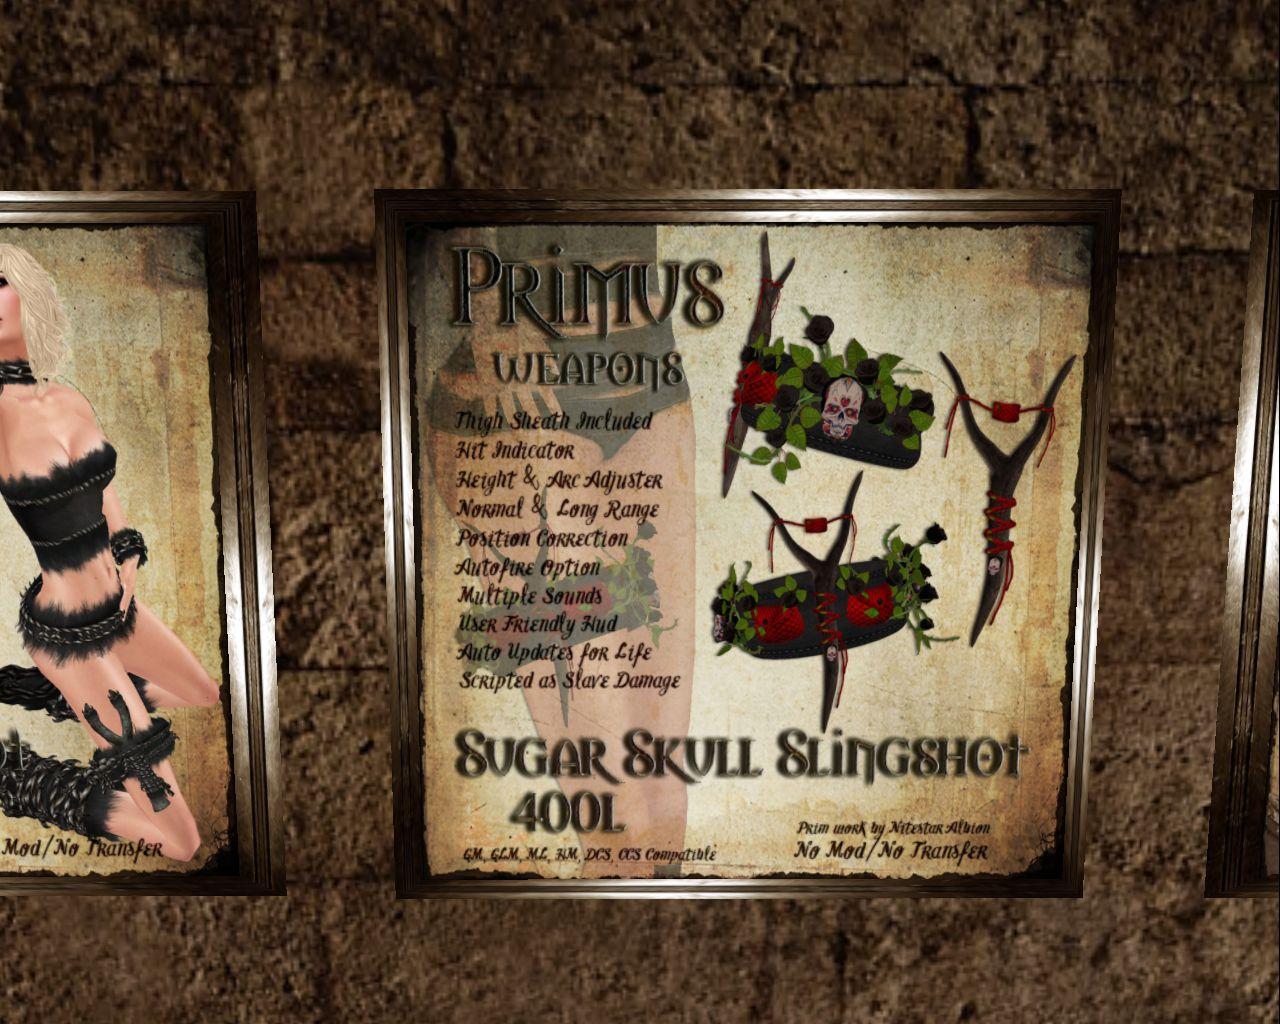 Sugar Skull Slingshot